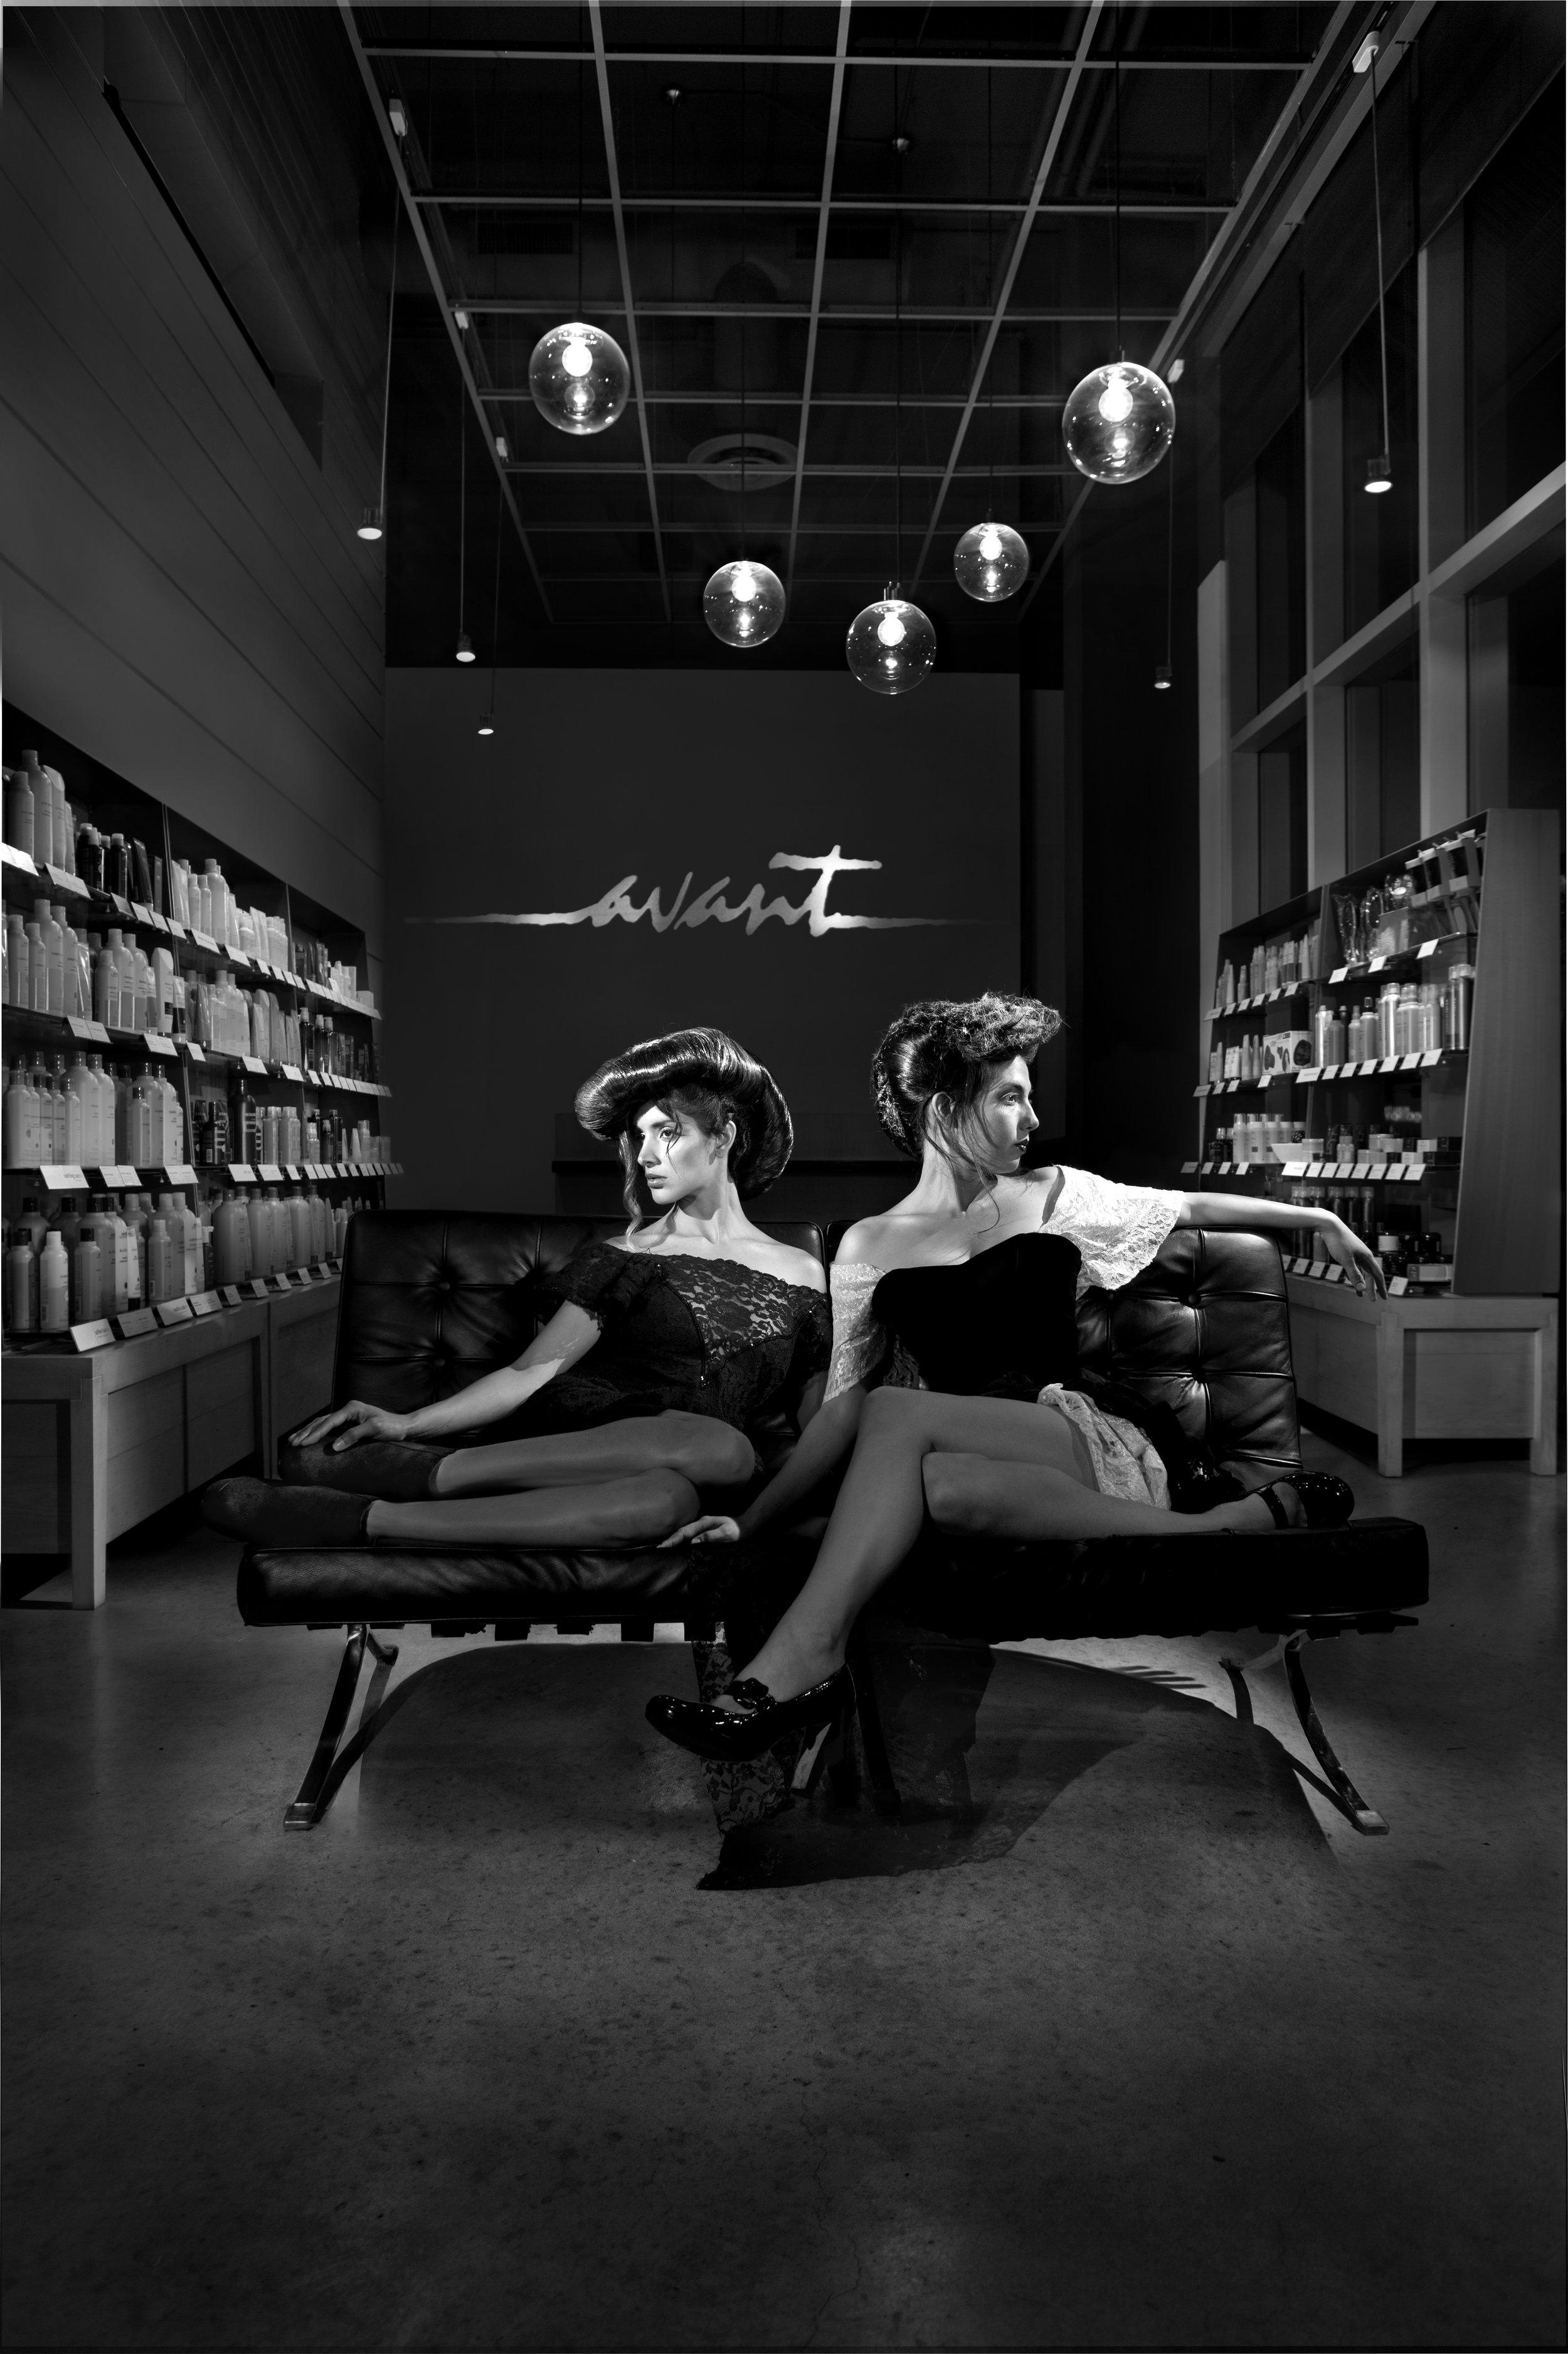 commercial-advertising-photographer-austin.jpg